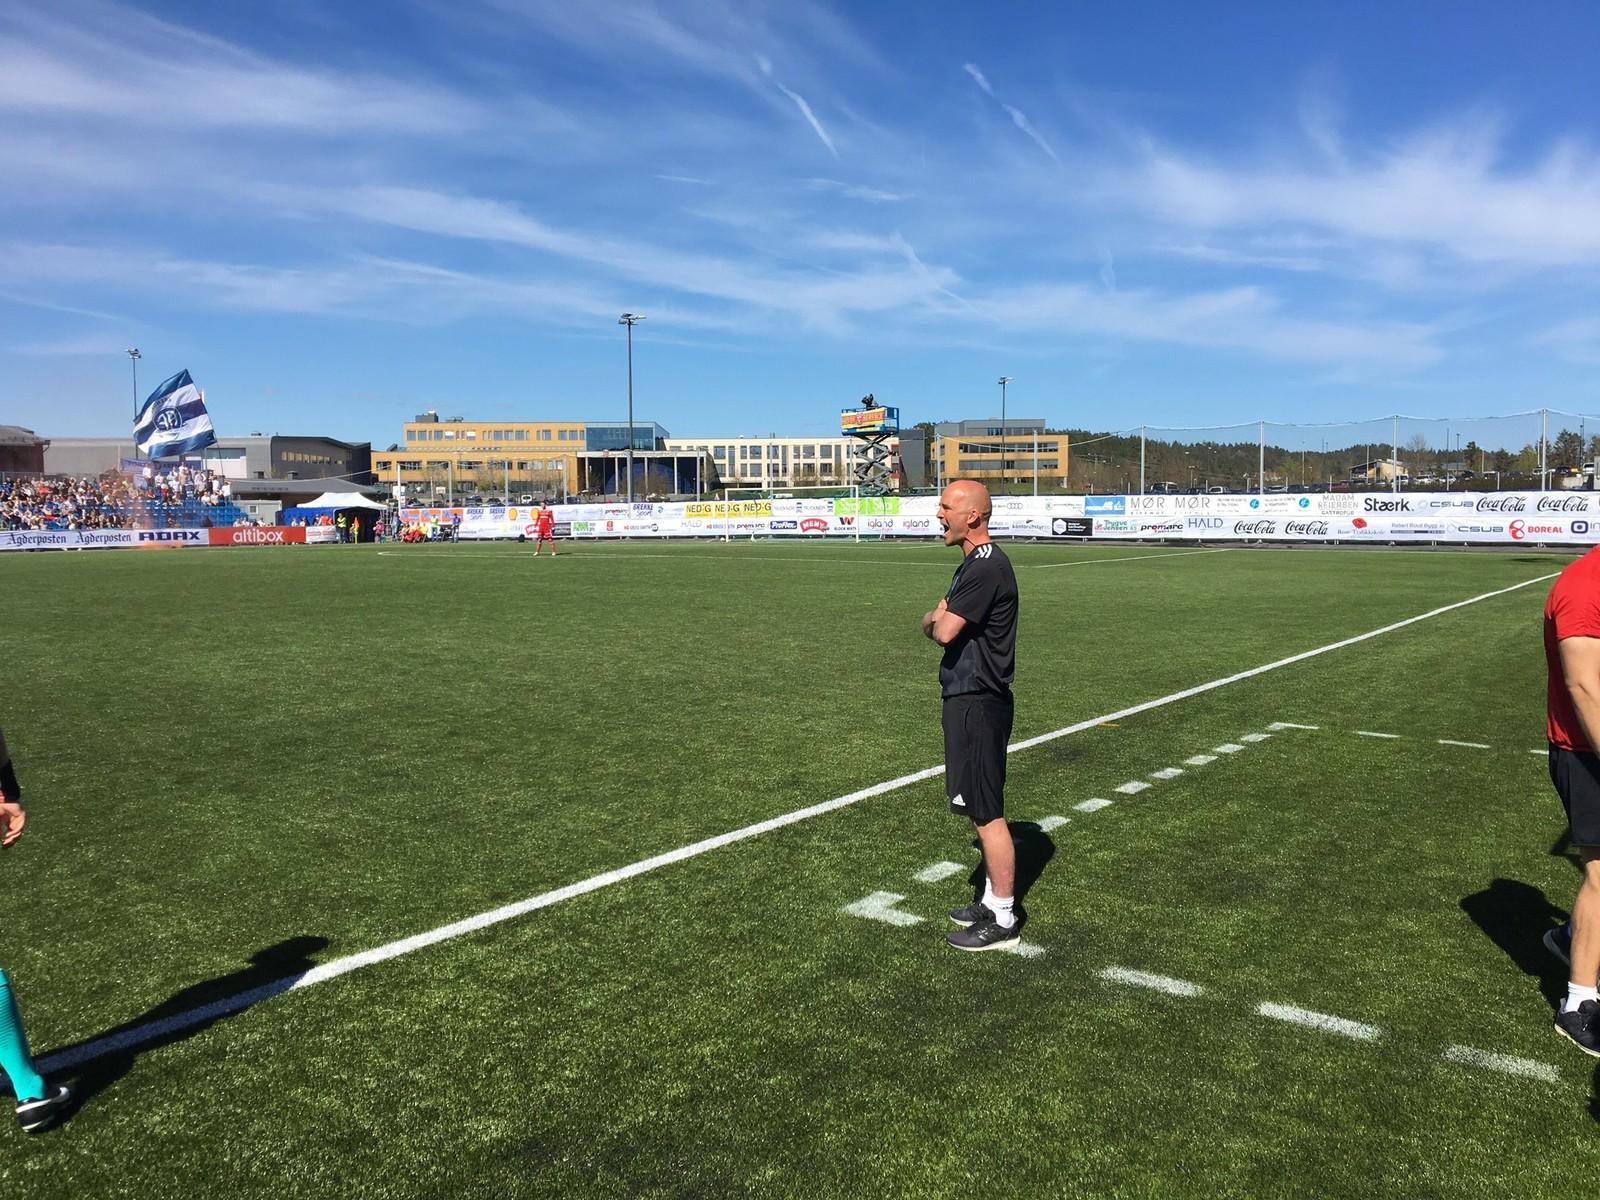 Arendal-trener Knut Tørum